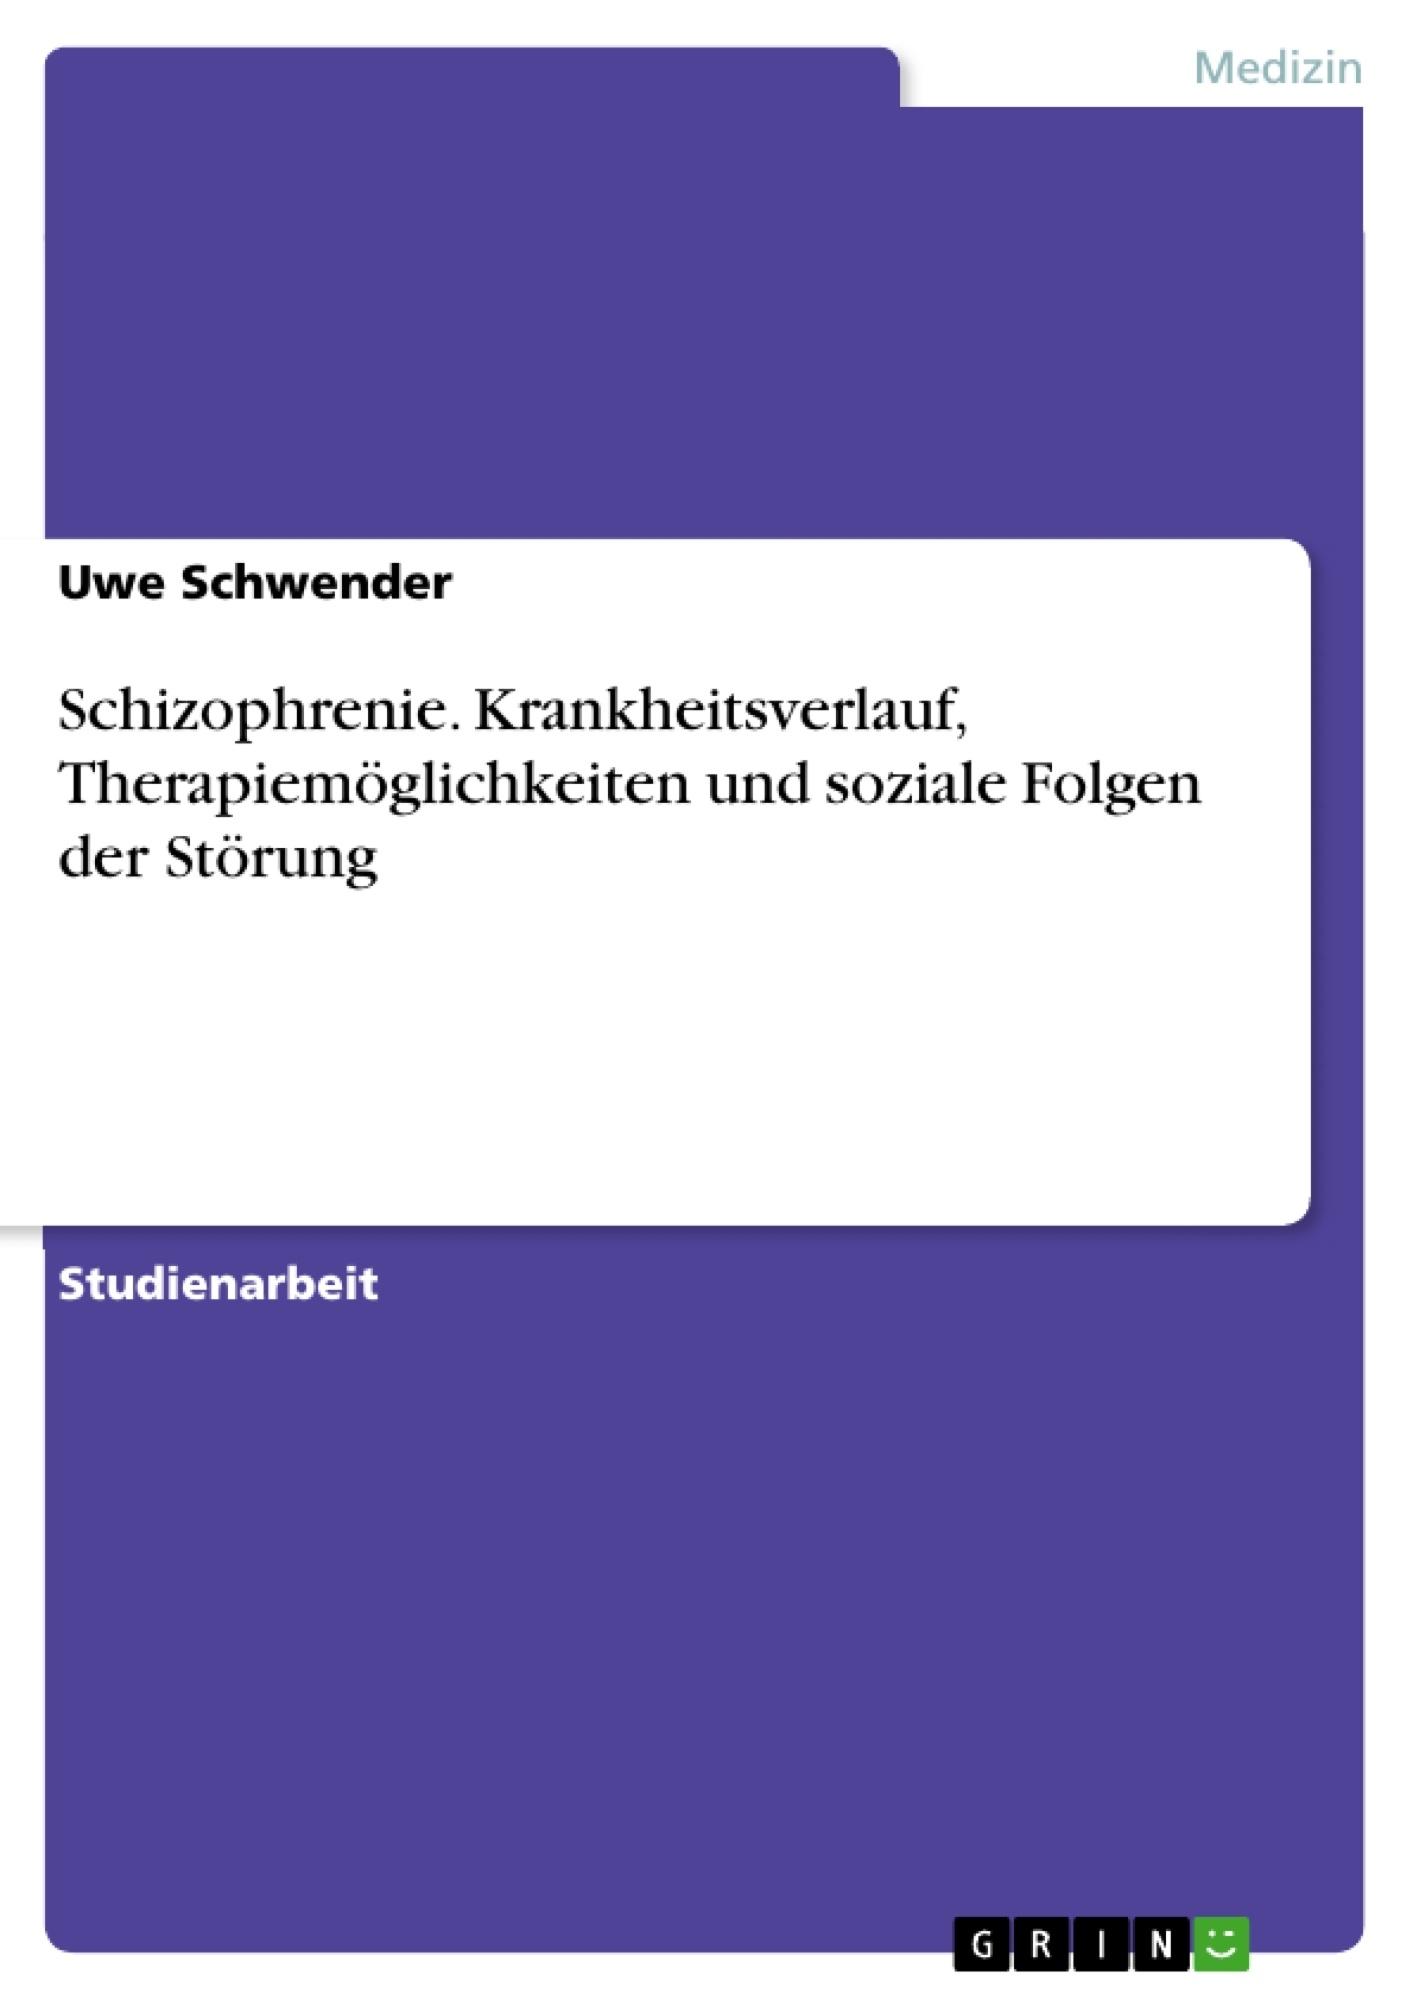 Titel: Schizophrenie. Krankheitsverlauf, Therapiemöglichkeiten und soziale Folgen der Störung